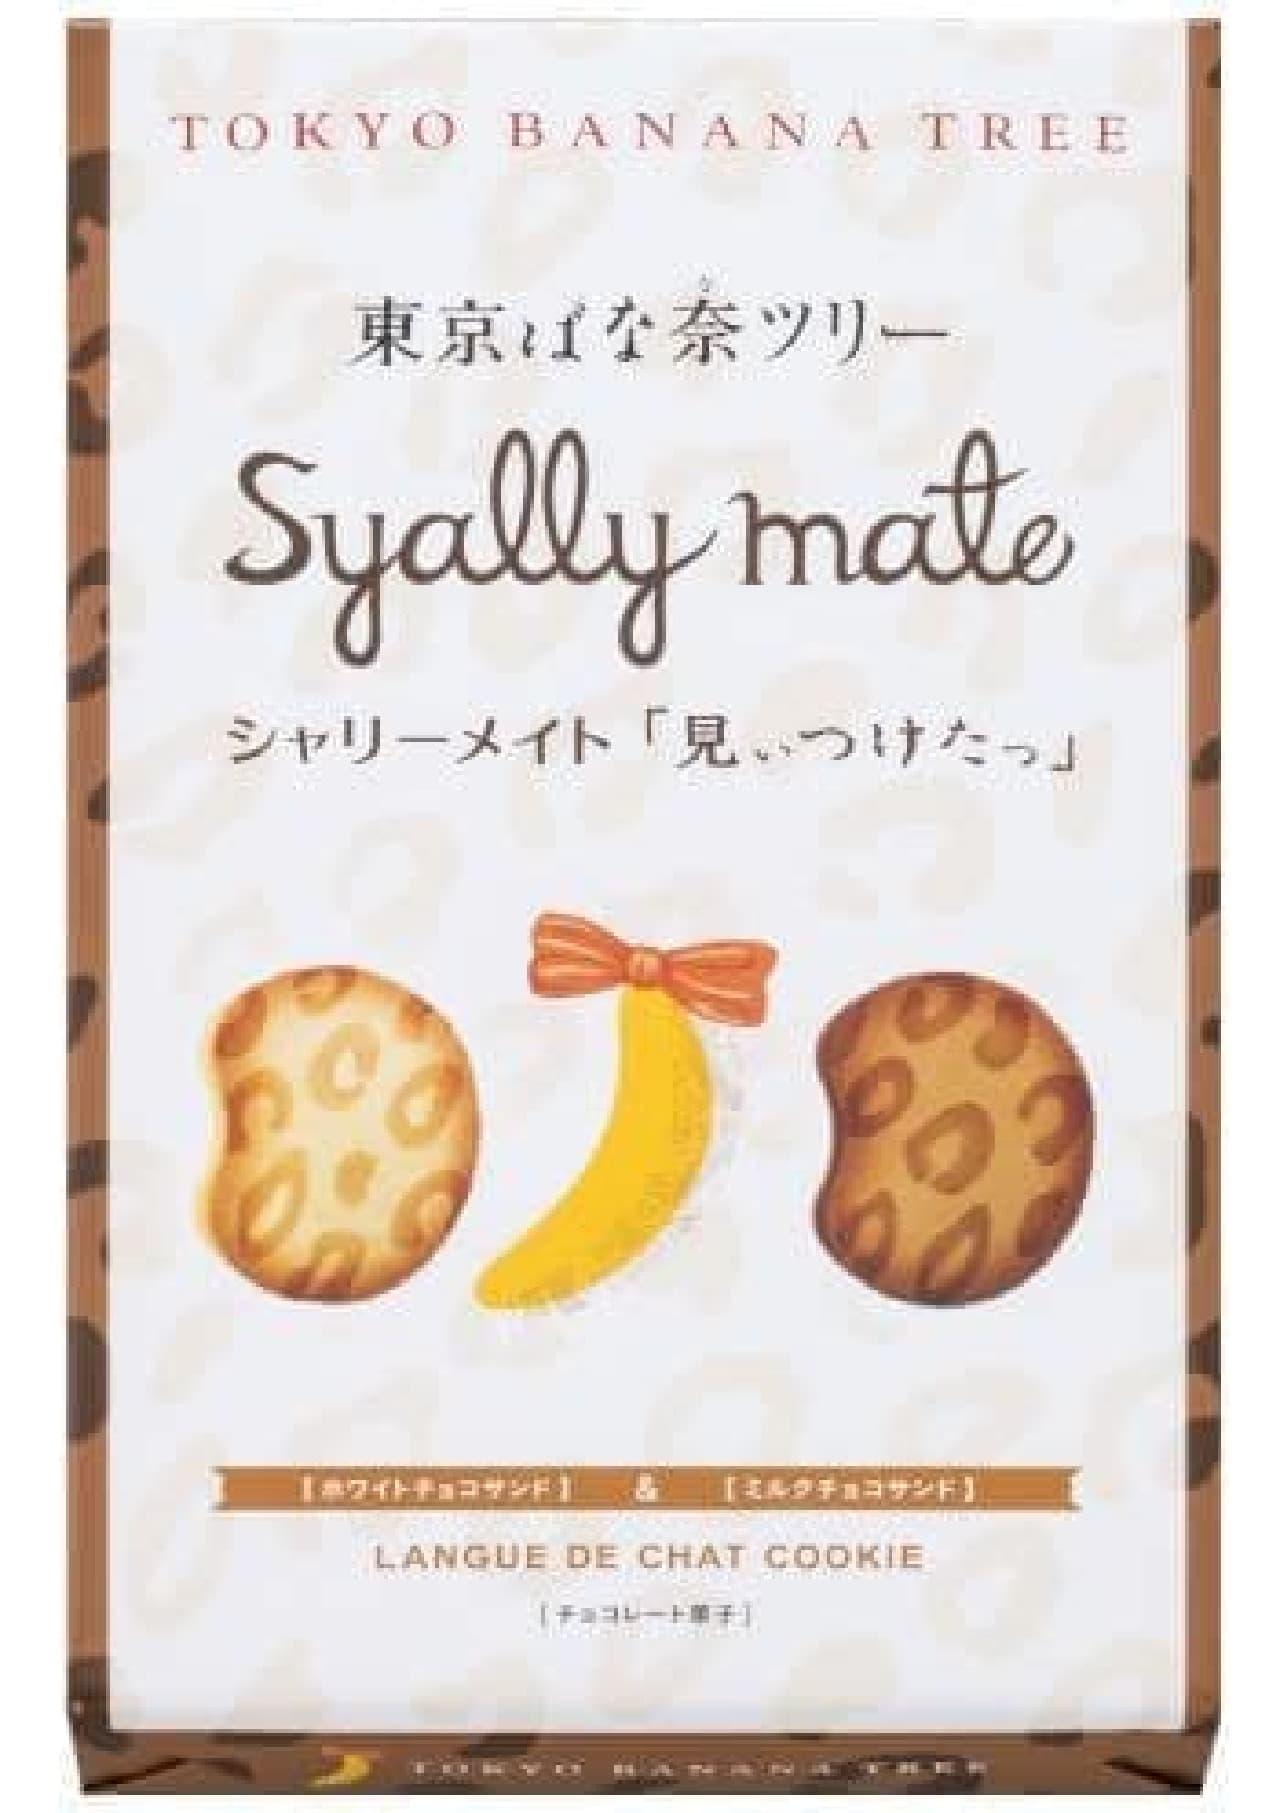 「東京ばな奈ツリー シャリーメイト」はヒョウ柄が描かれた薄焼きランドグシャのクッキーサンド